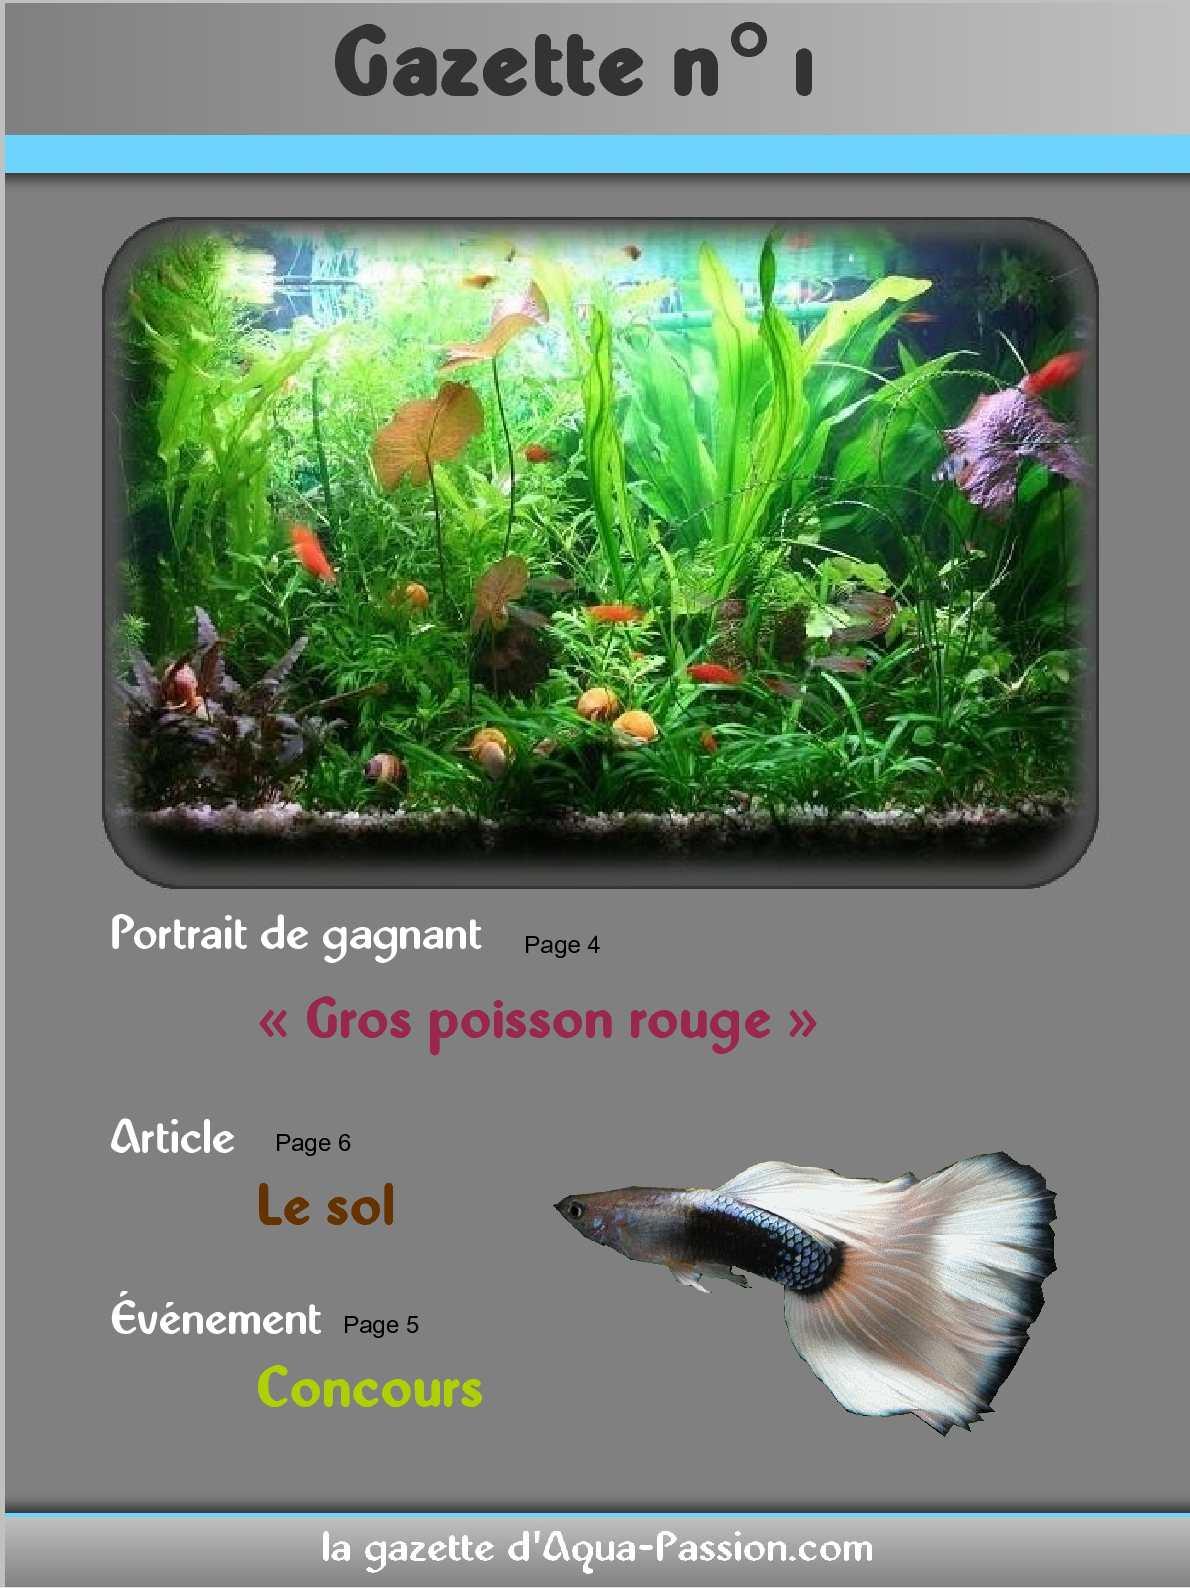 Gazette n°1 - Aqua-Passion.com